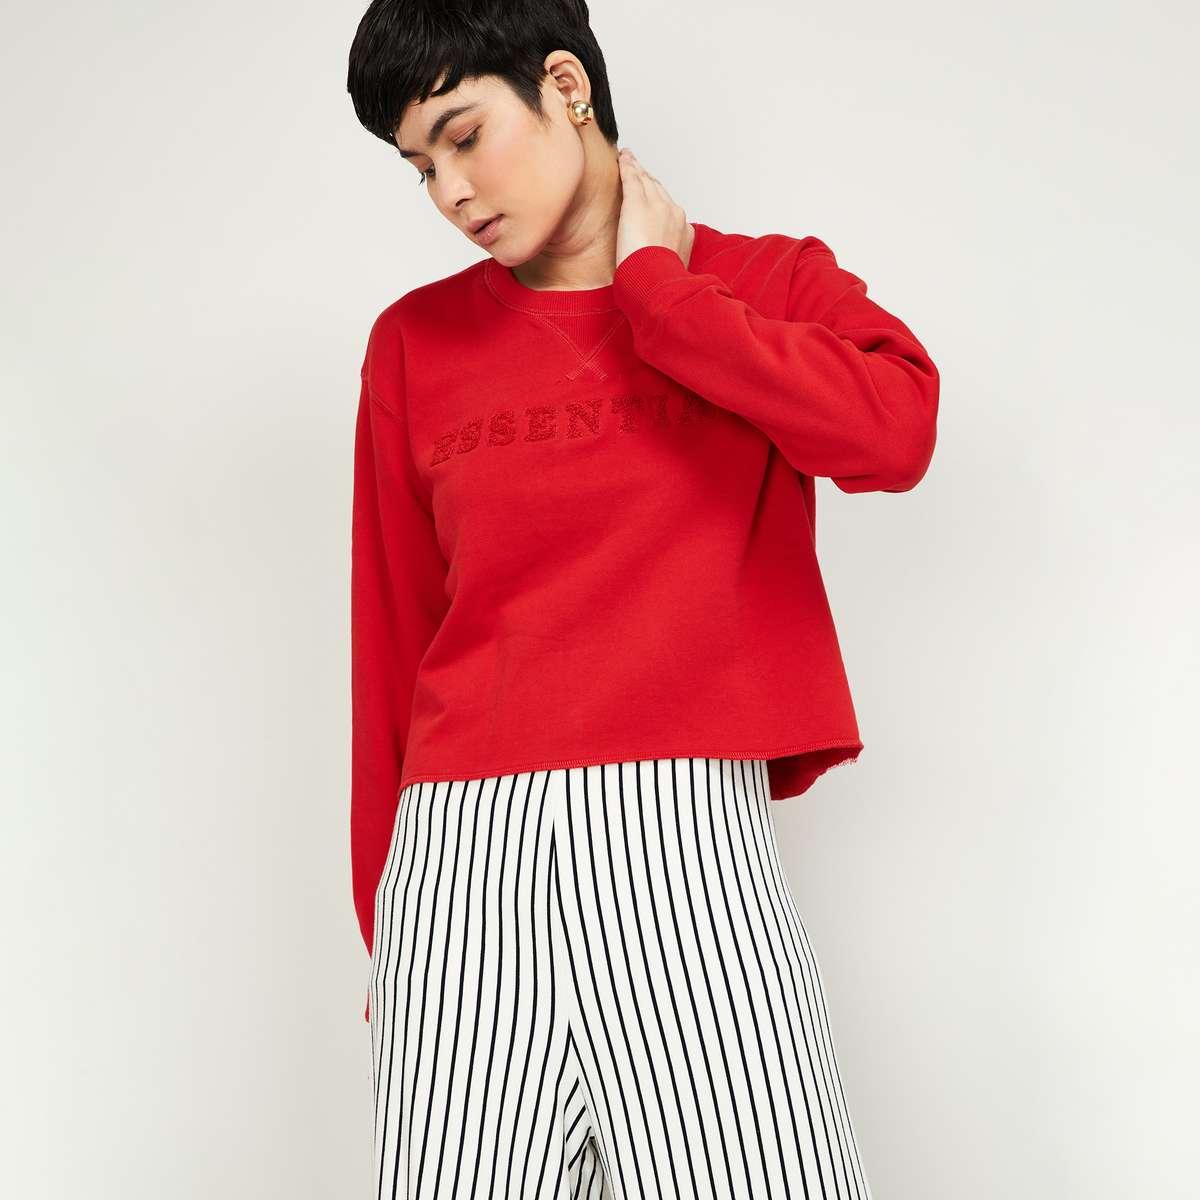 VERO MODA Women Printed Full Sleeves Sweatshirt